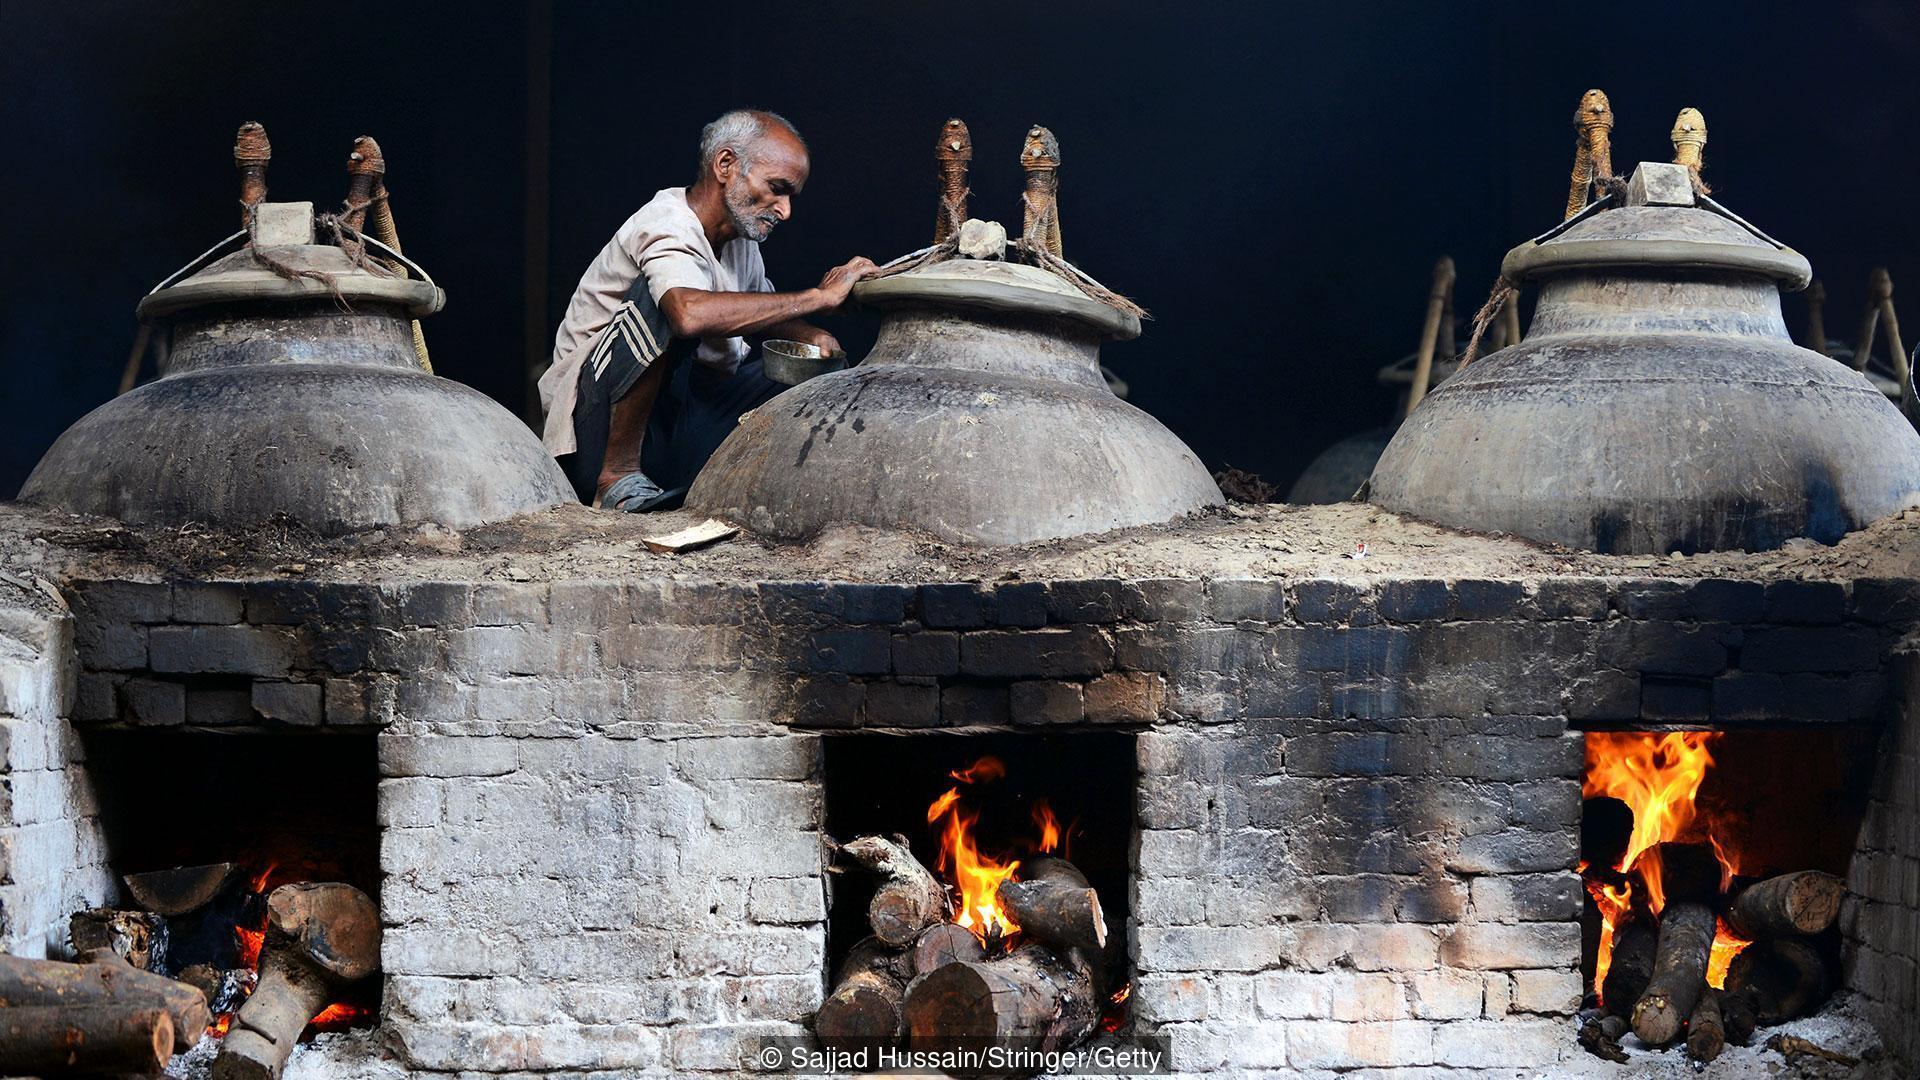 """Produkcja olejków zapachowych Attar znanych też z jako """"Itra"""" lub """"Ittar"""" (Credit: Sajjad Hussain / Stringer / Getty)"""